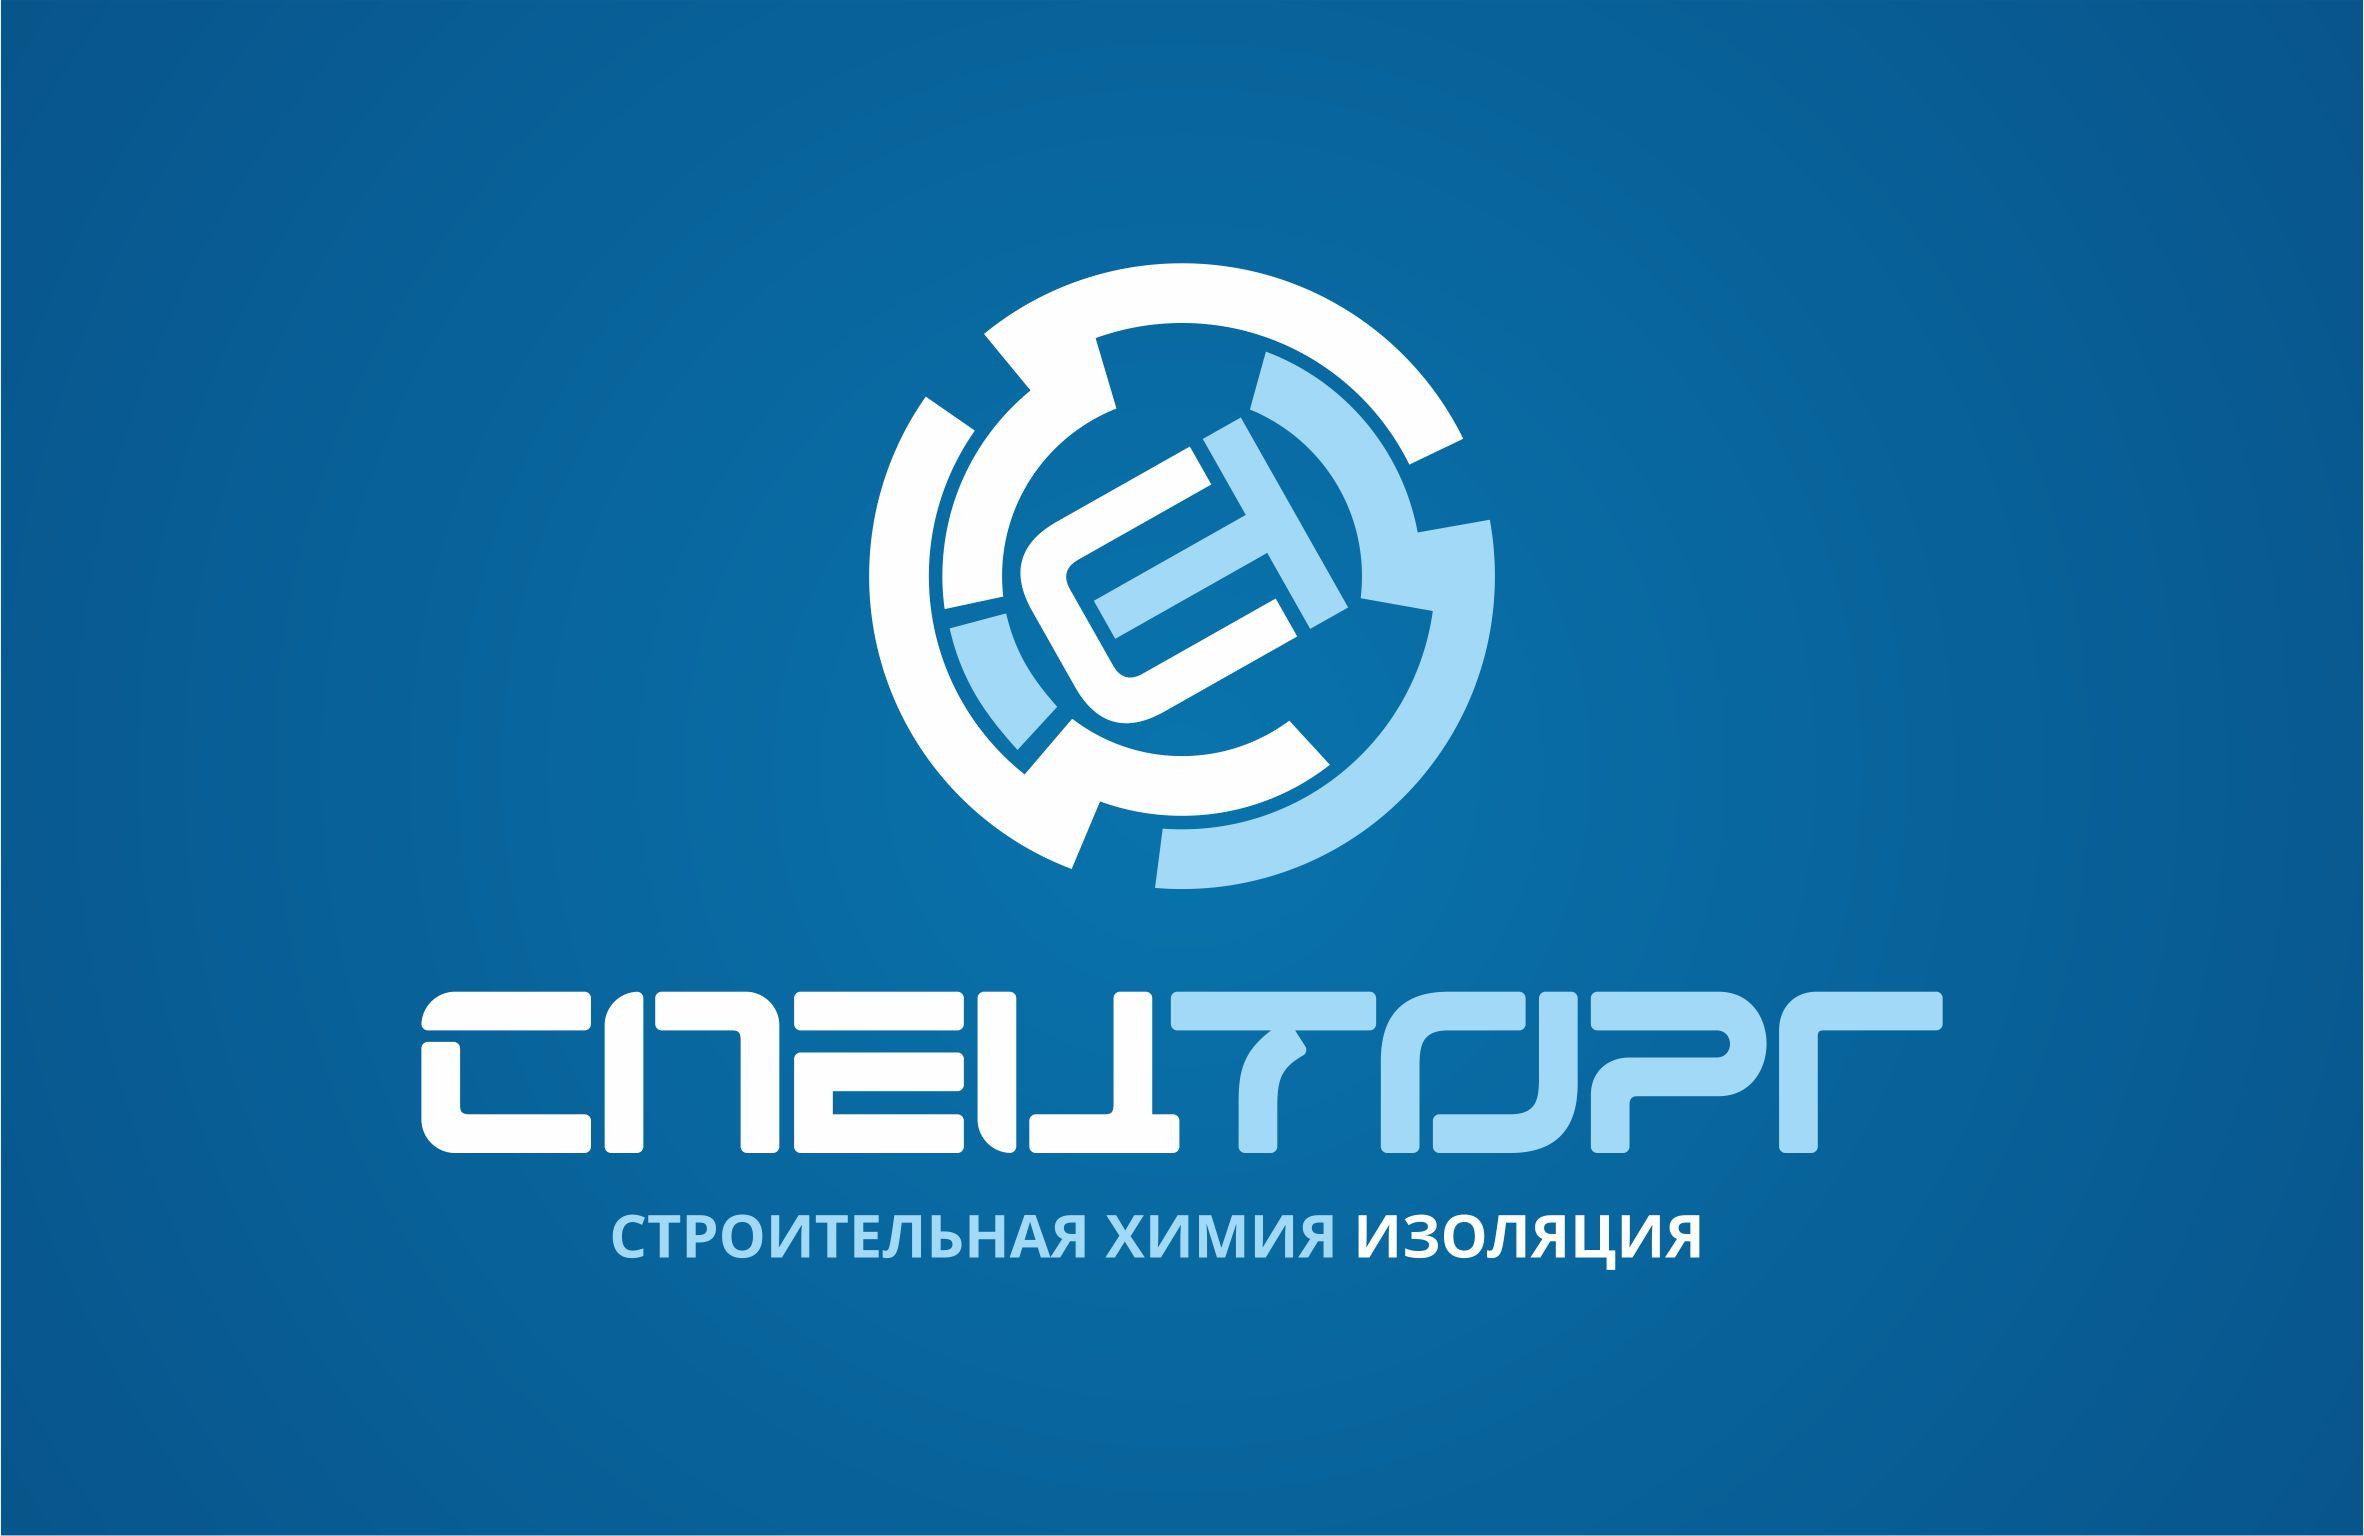 Разработать дизайн  логотипа компании фото f_9705dc41ec565731.jpg